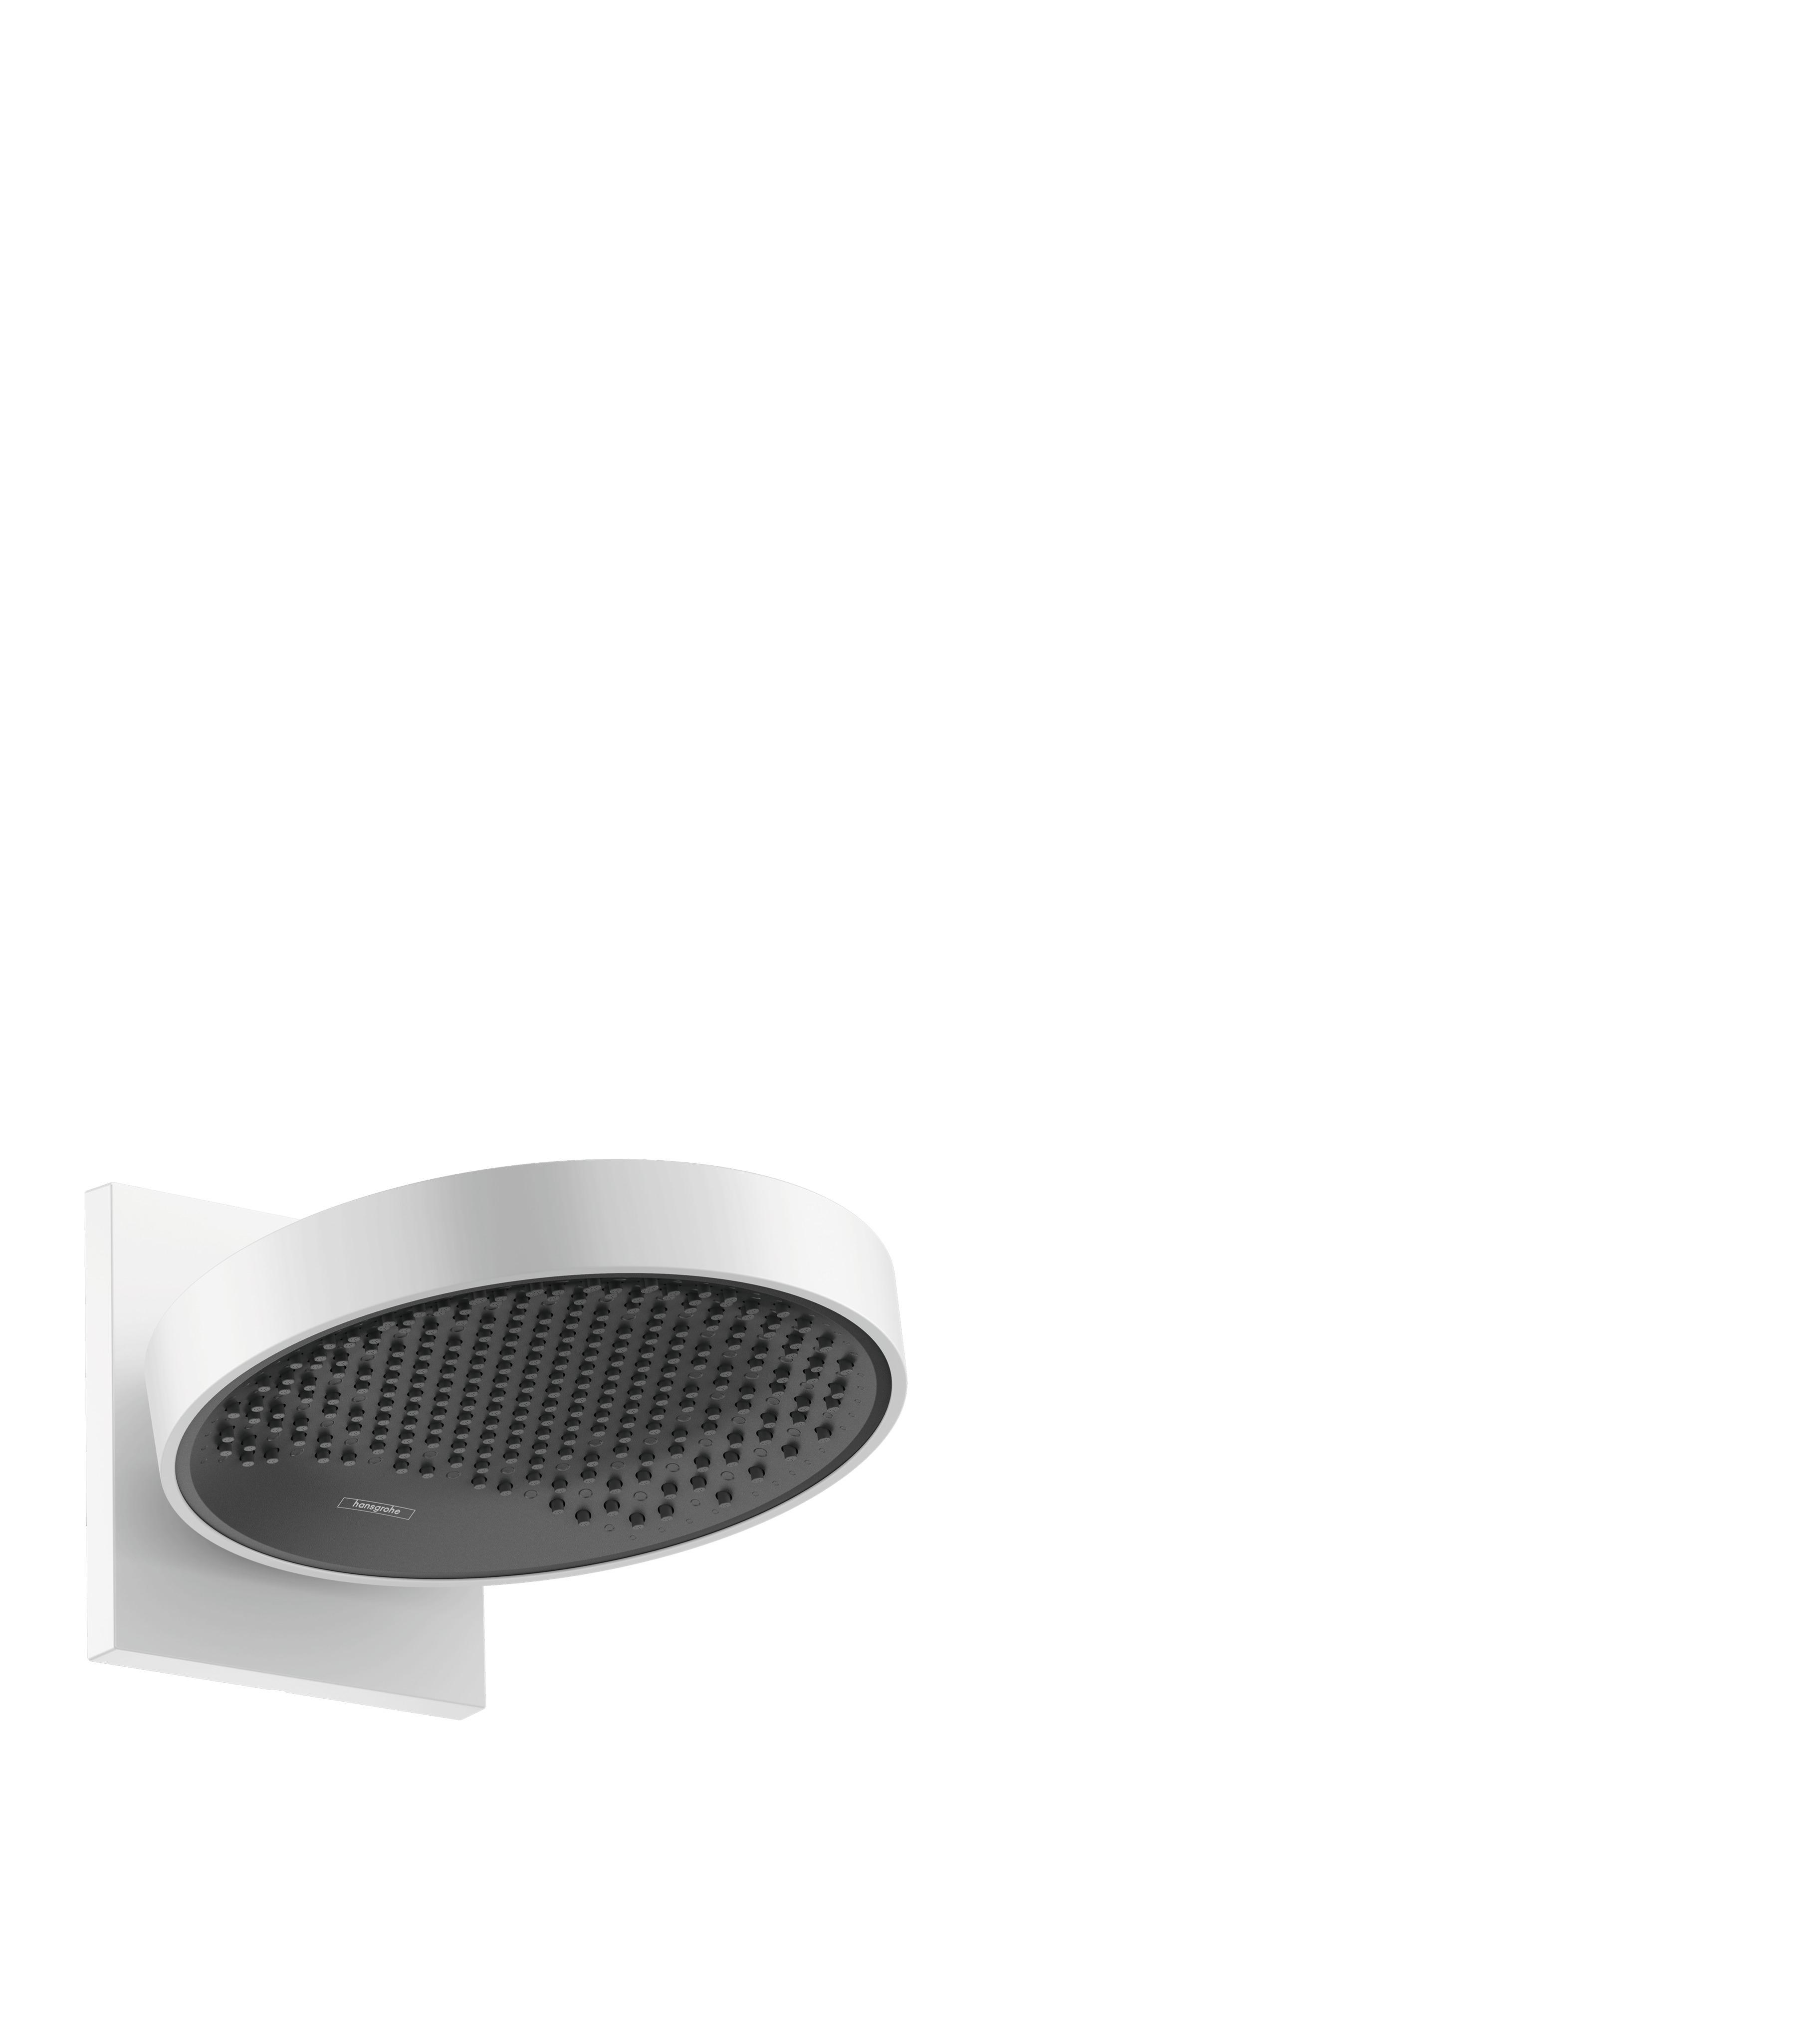 Верхний душ hansgrohe Rainfinity 250 1jet EcoSmart 9 л/мин с настенным разъемом 26227700 верхний душ hansgrohe rainfinity 250 1jet 26226700